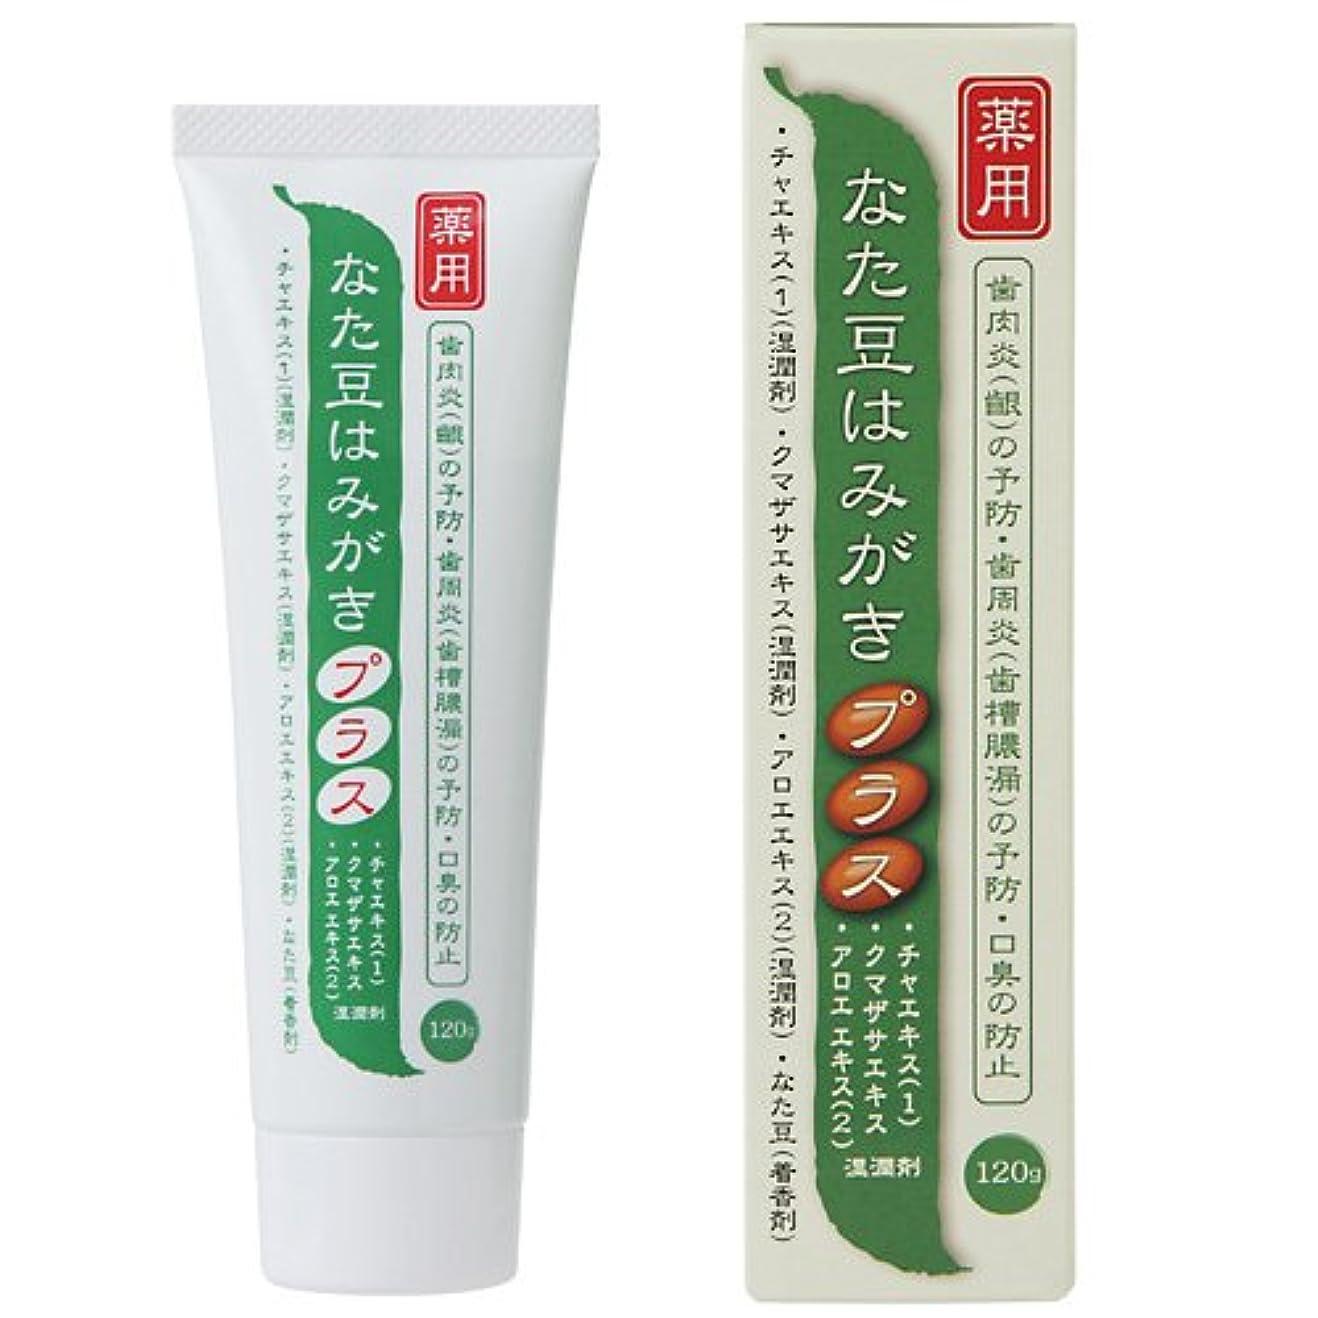 自治報復もしプラセス製薬 薬用なた豆歯磨き プラス 120g